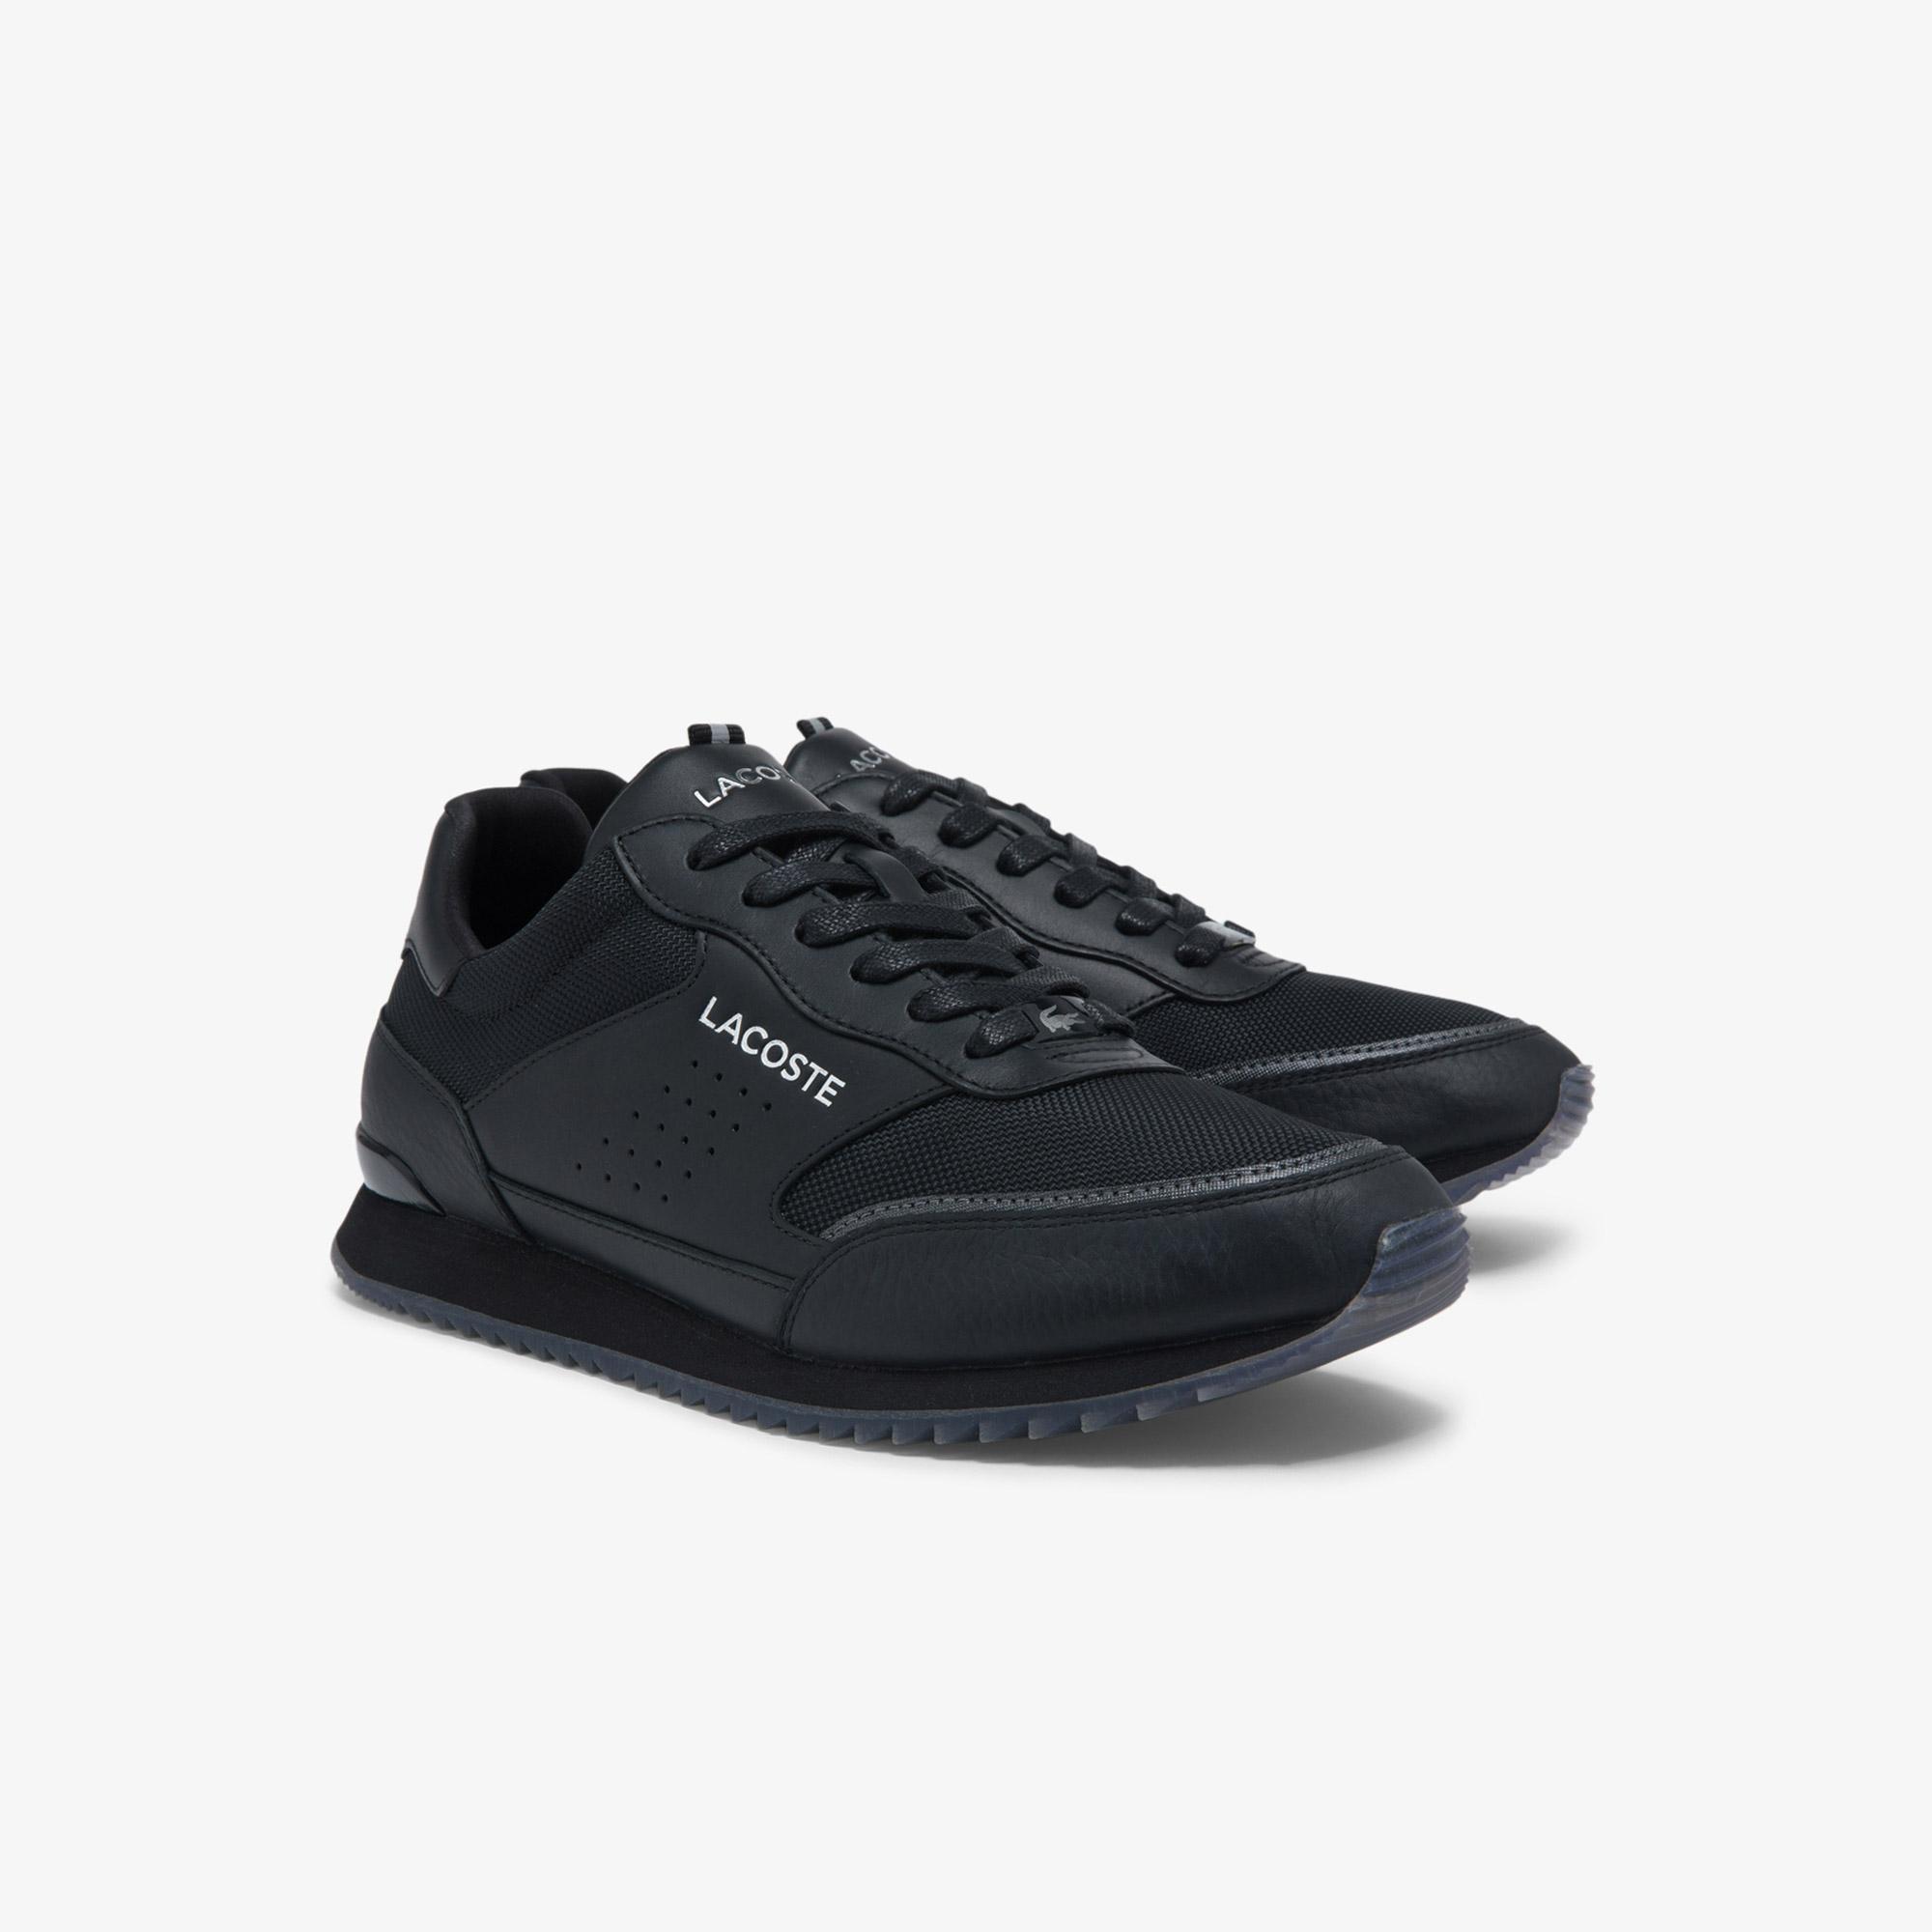 Lacoste Męskie sneakersy skórzane Partner Luxe